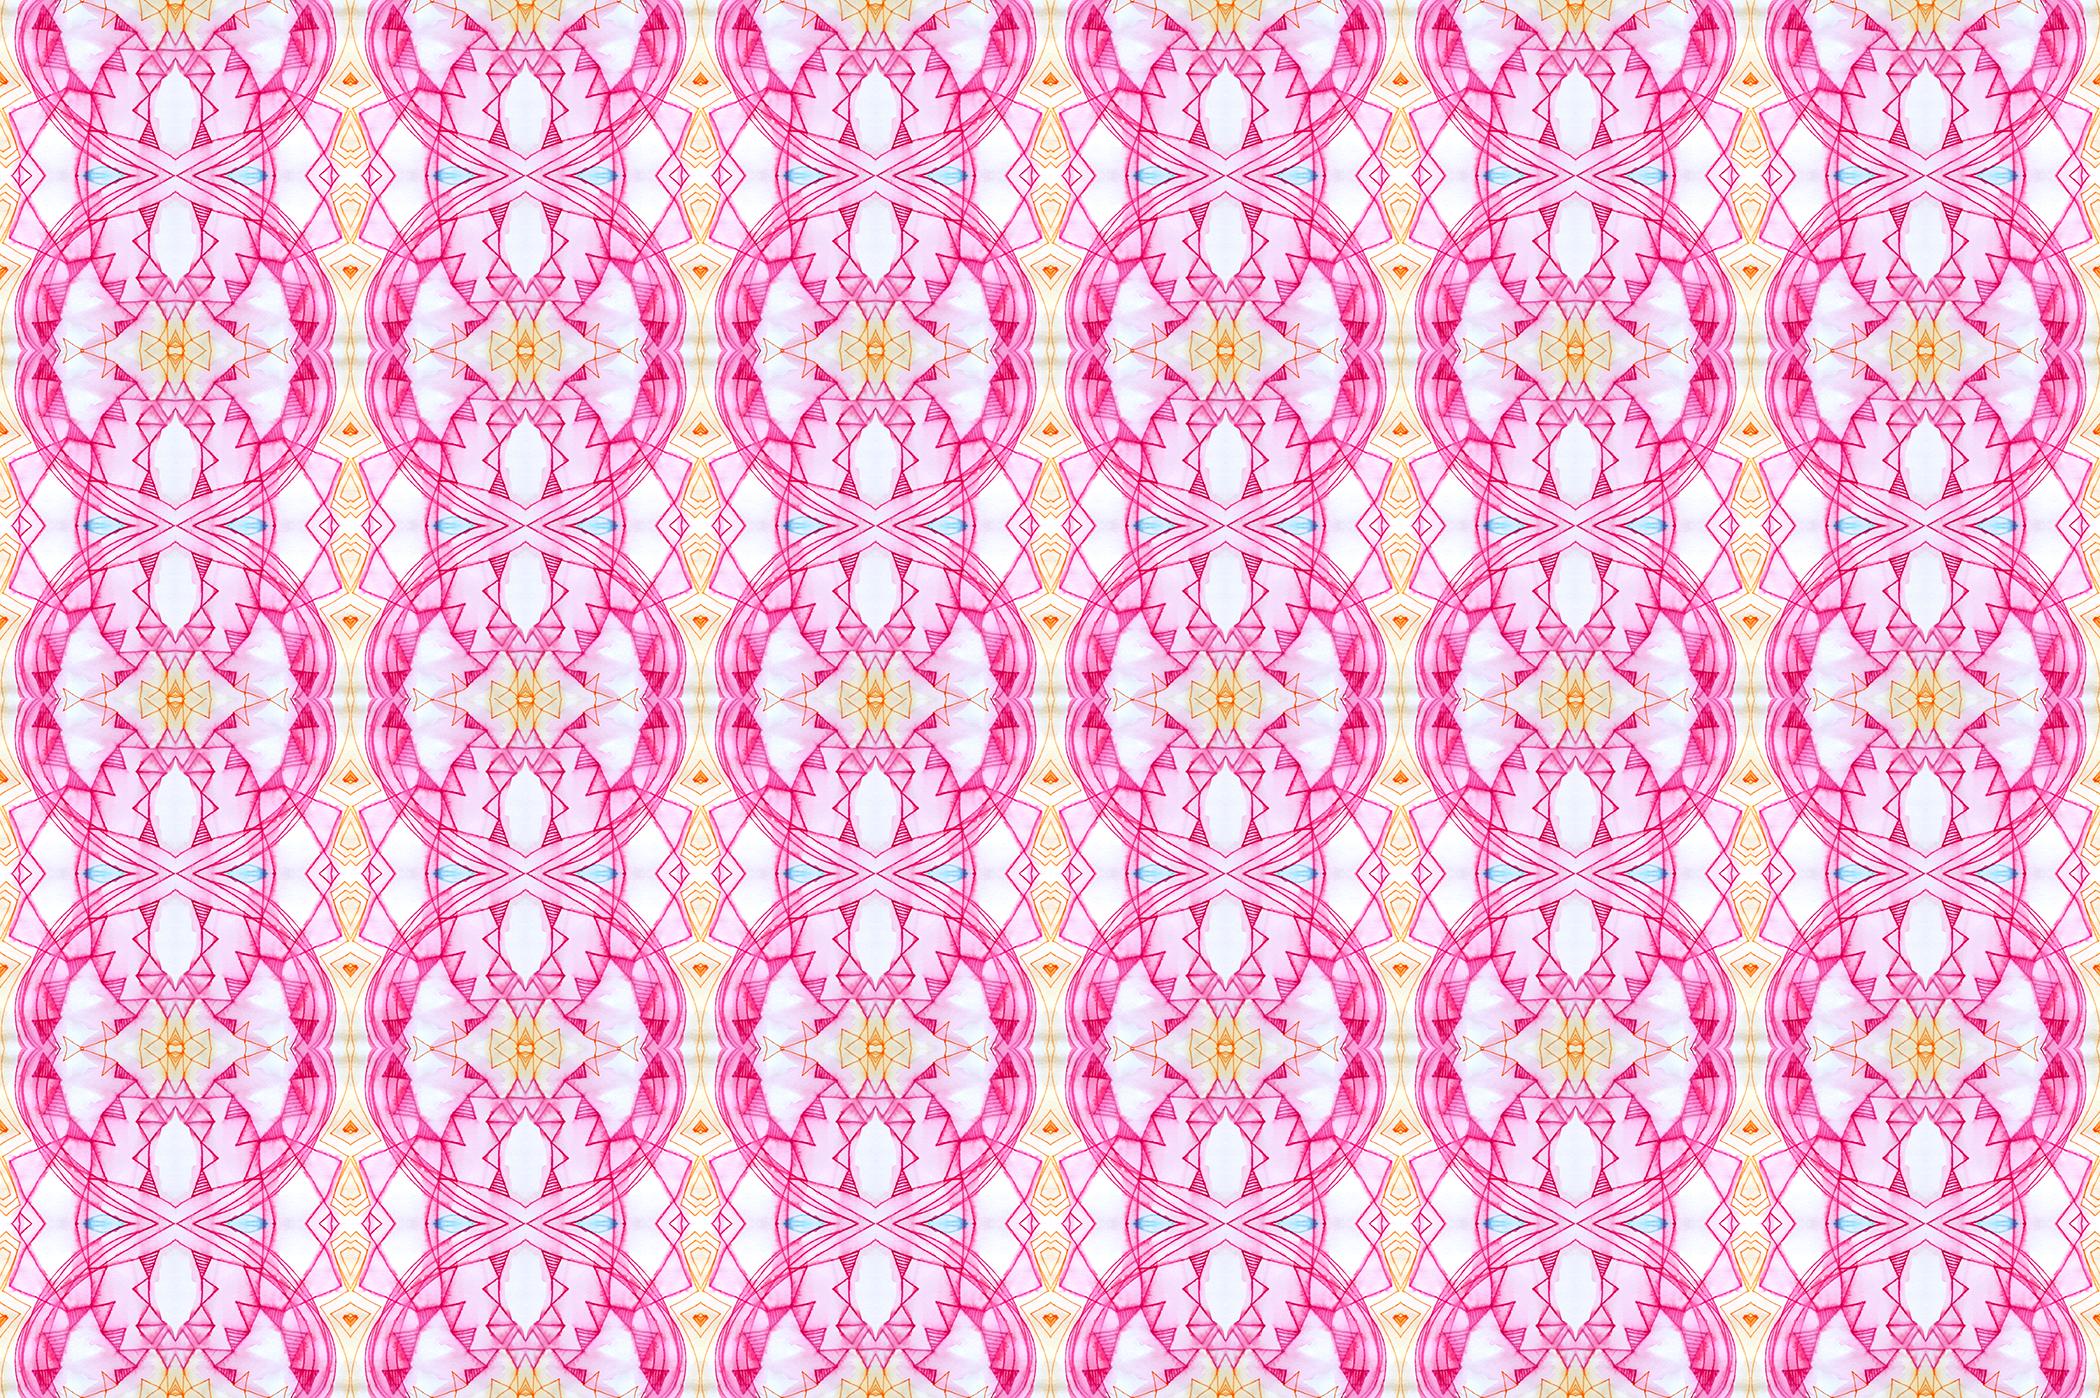 Classy_Wallpaper2_Sm.jpg